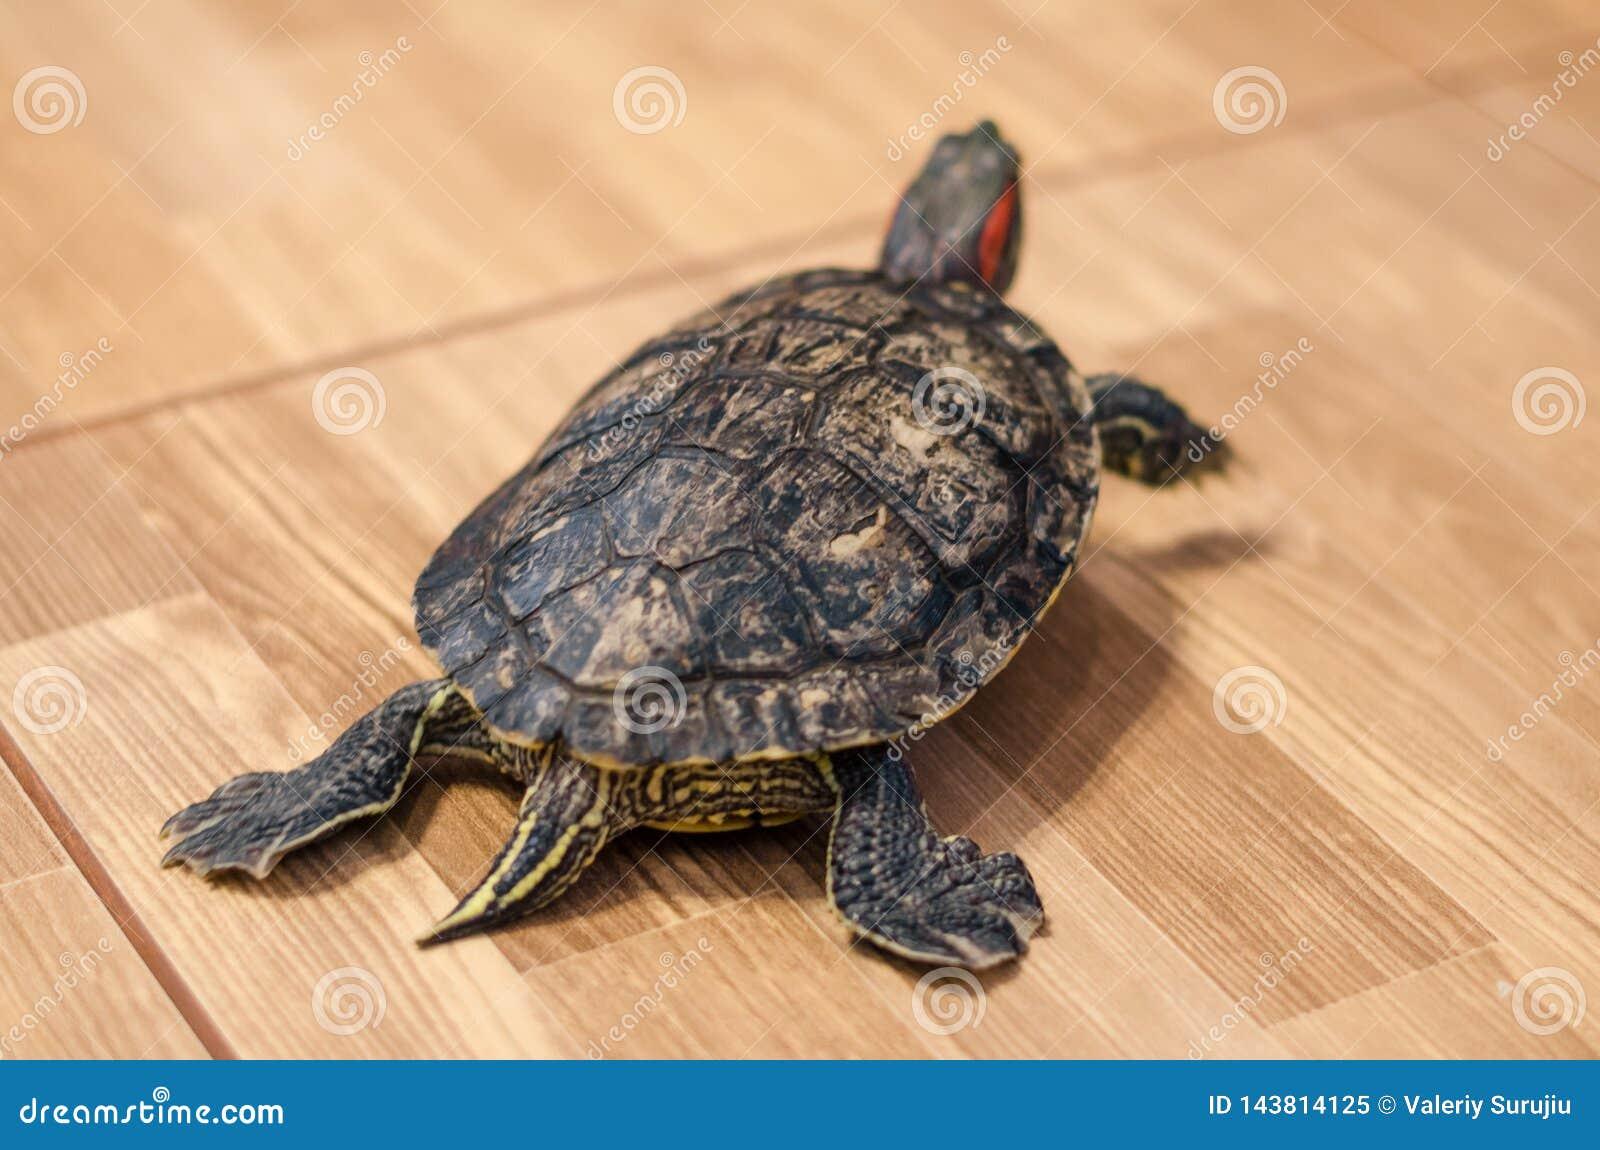 Żółw na podłodze w domu